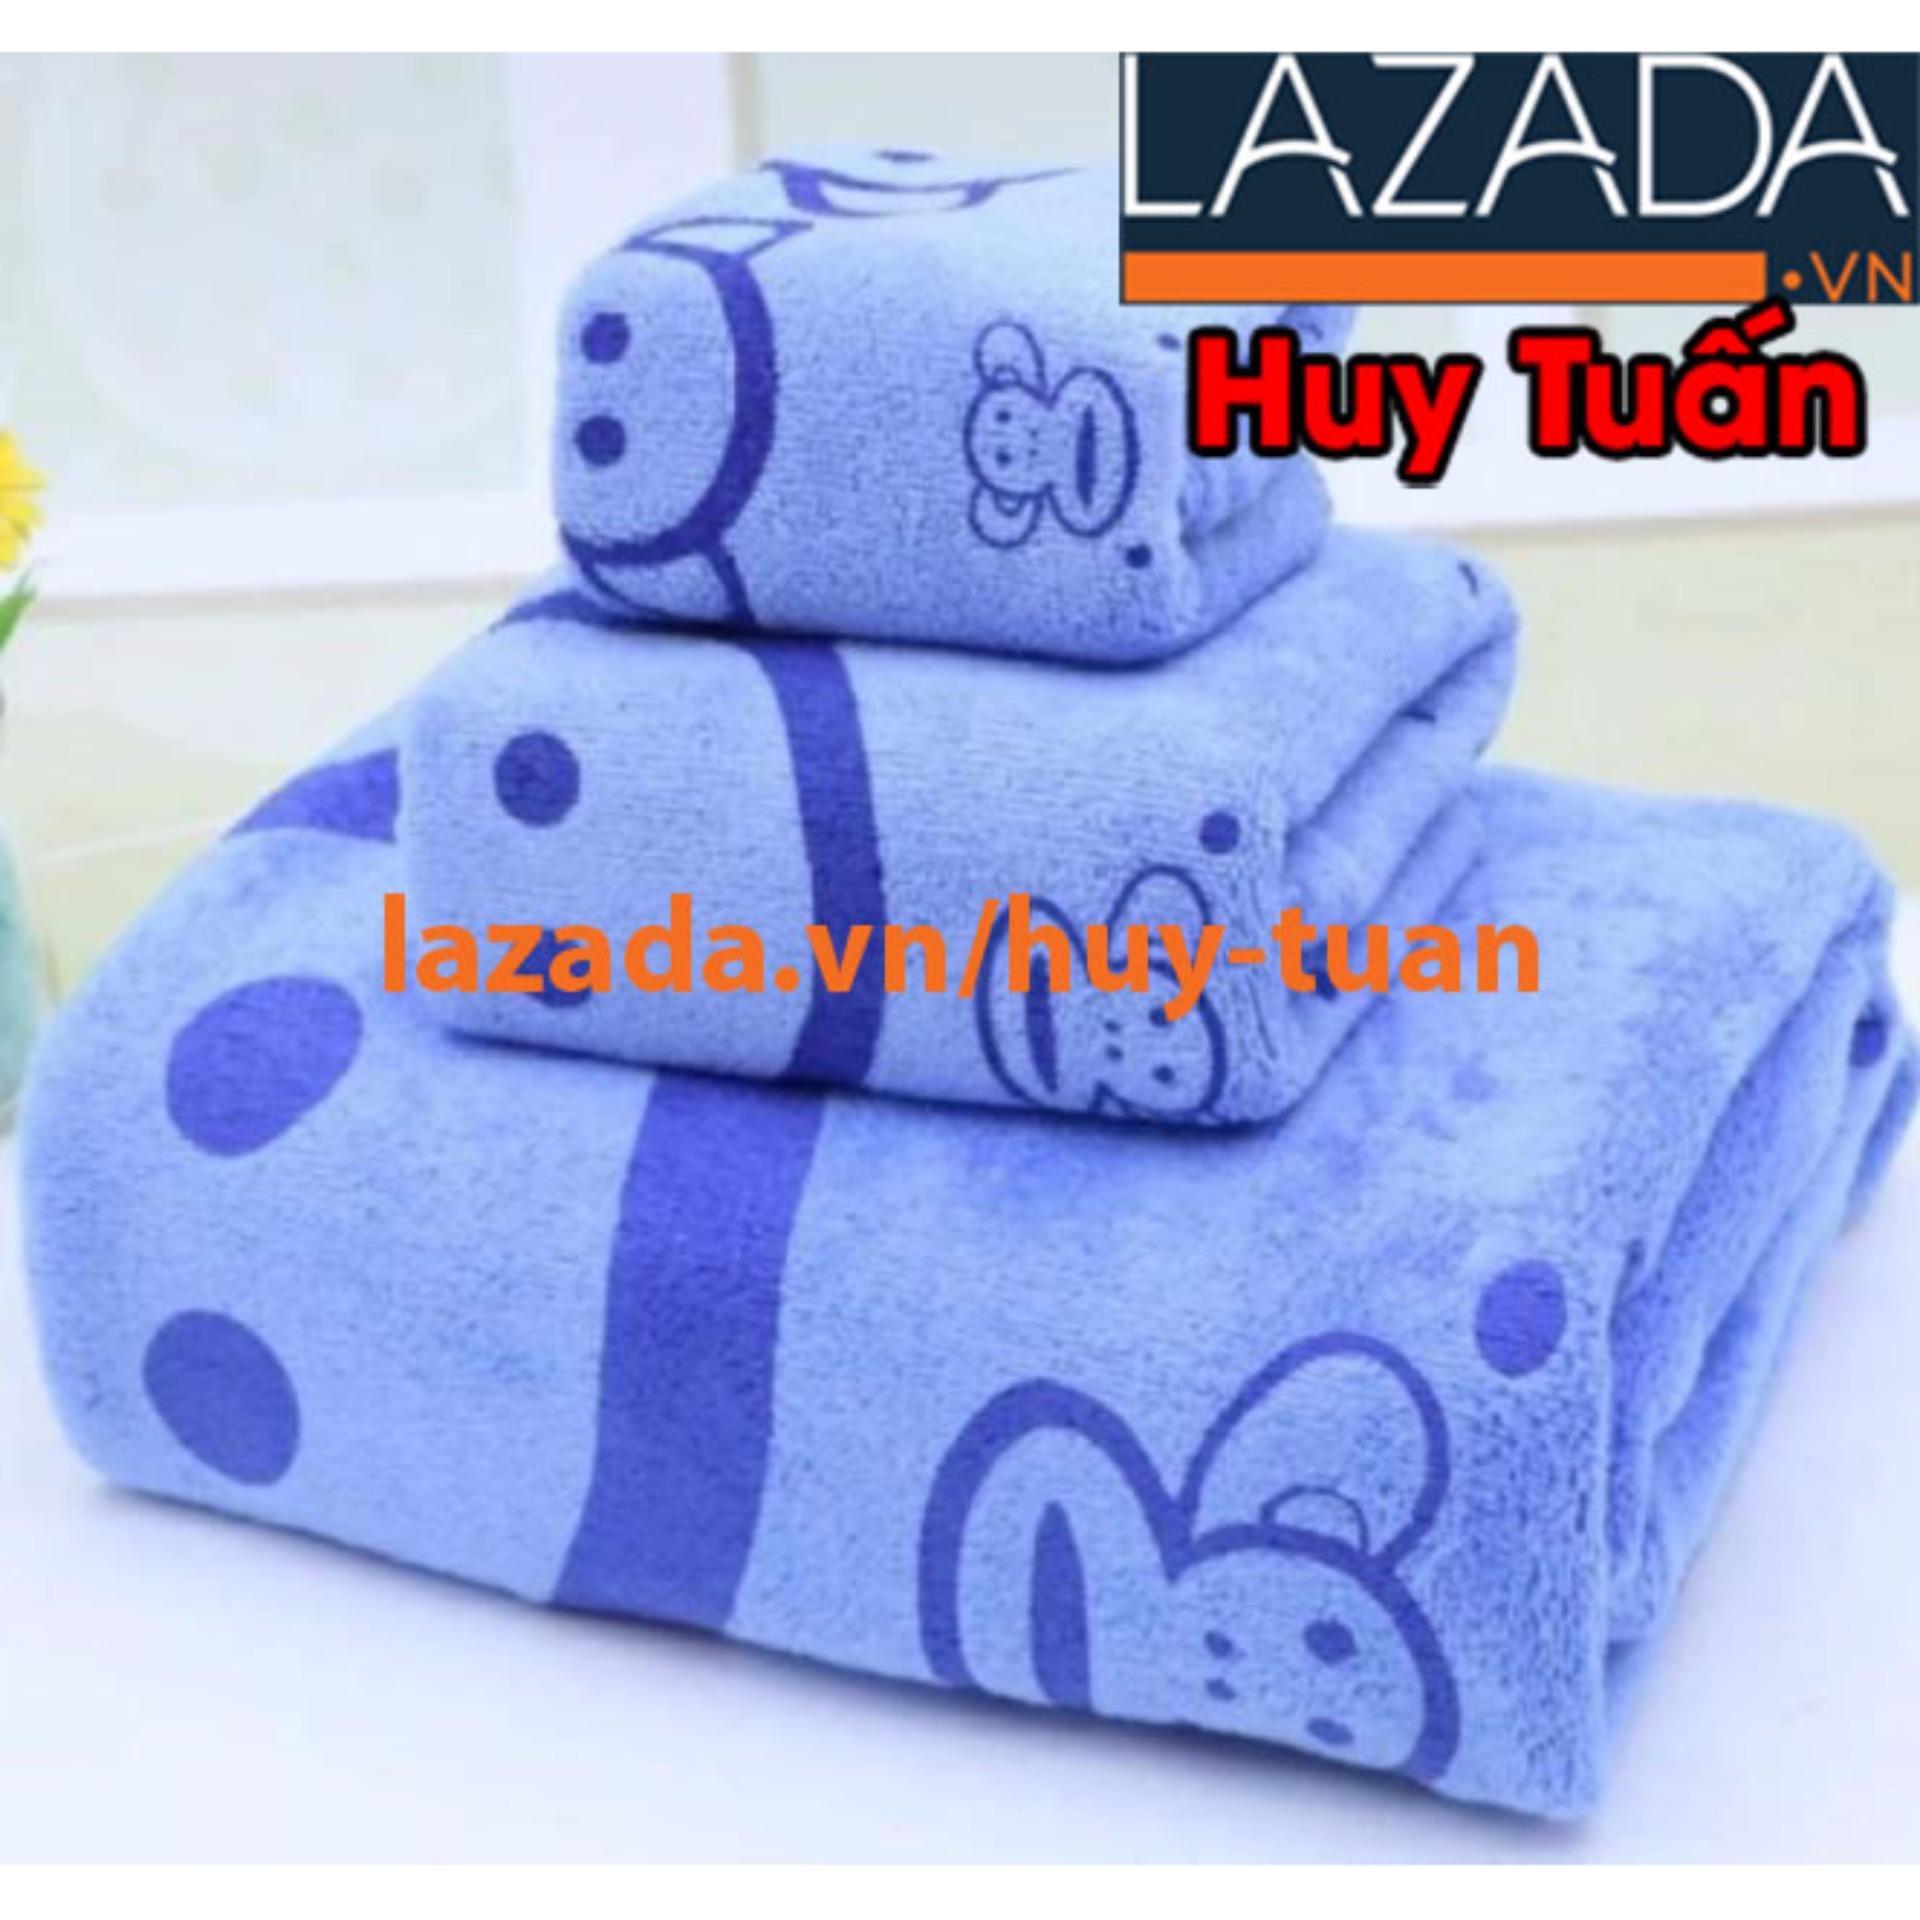 Ở đâu bán Combo bộ 3 khăn tắm – khăn mặt – khăn nhỏ tiện dụng